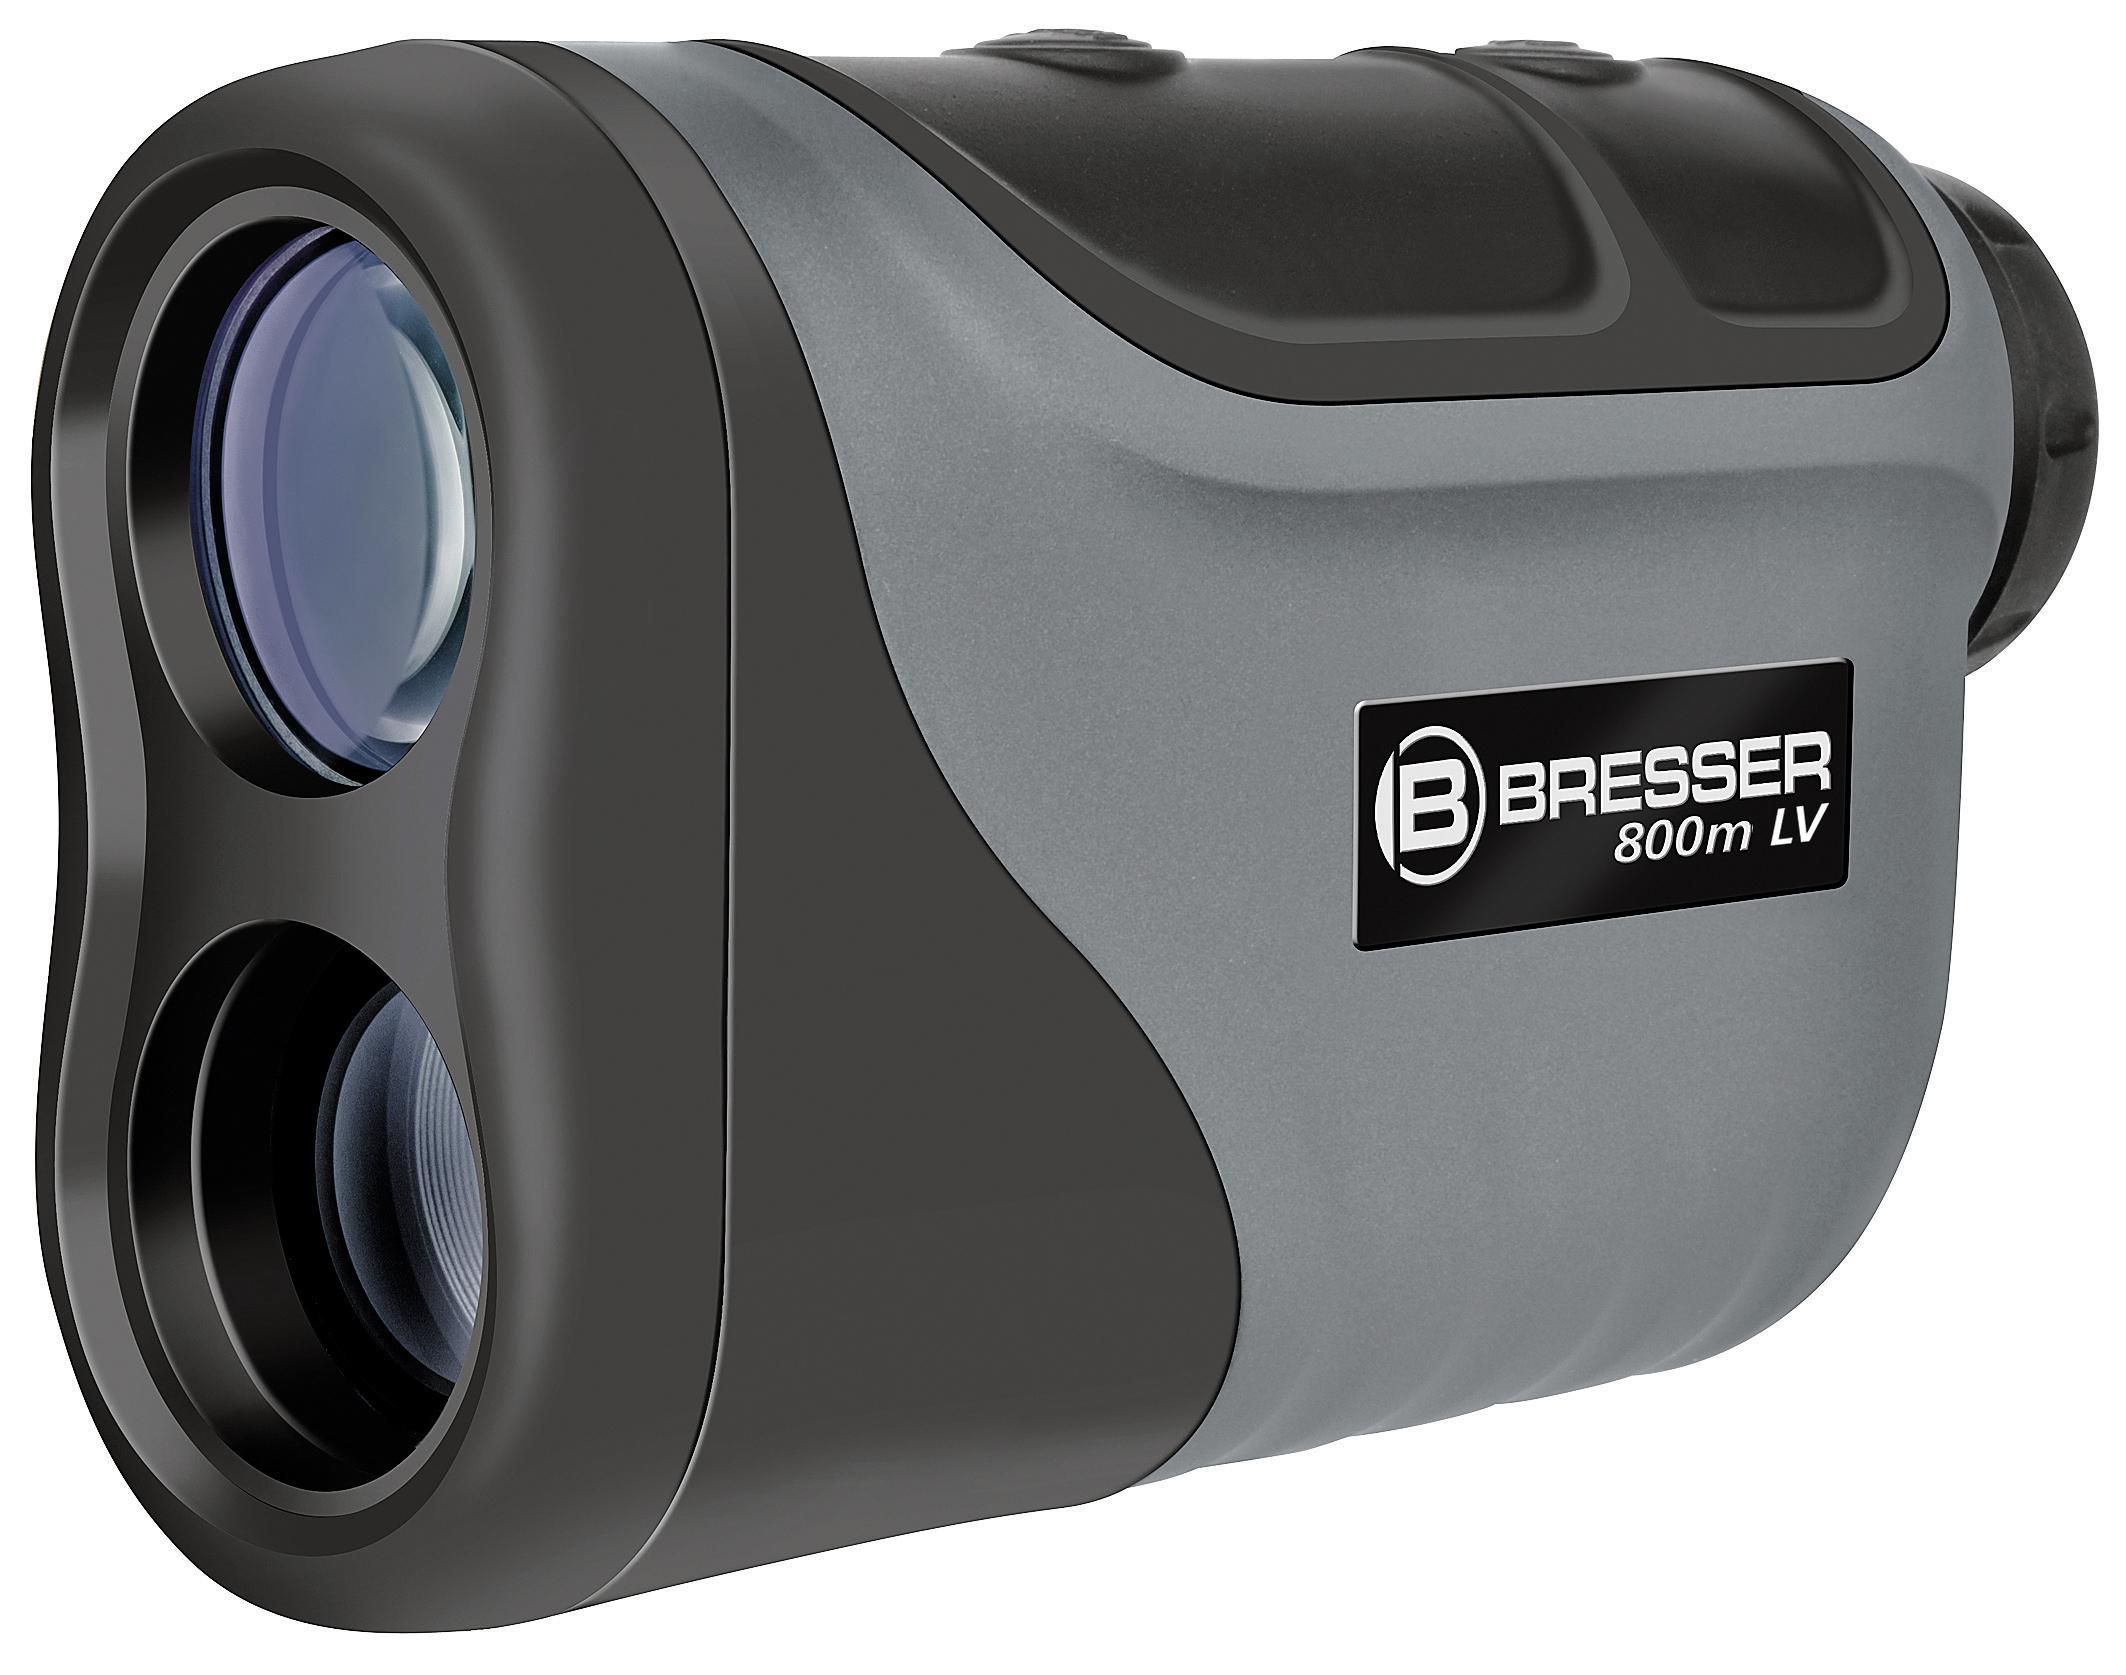 Bresser laser entfernungsmesser mit live mode: amazon.de: kamera